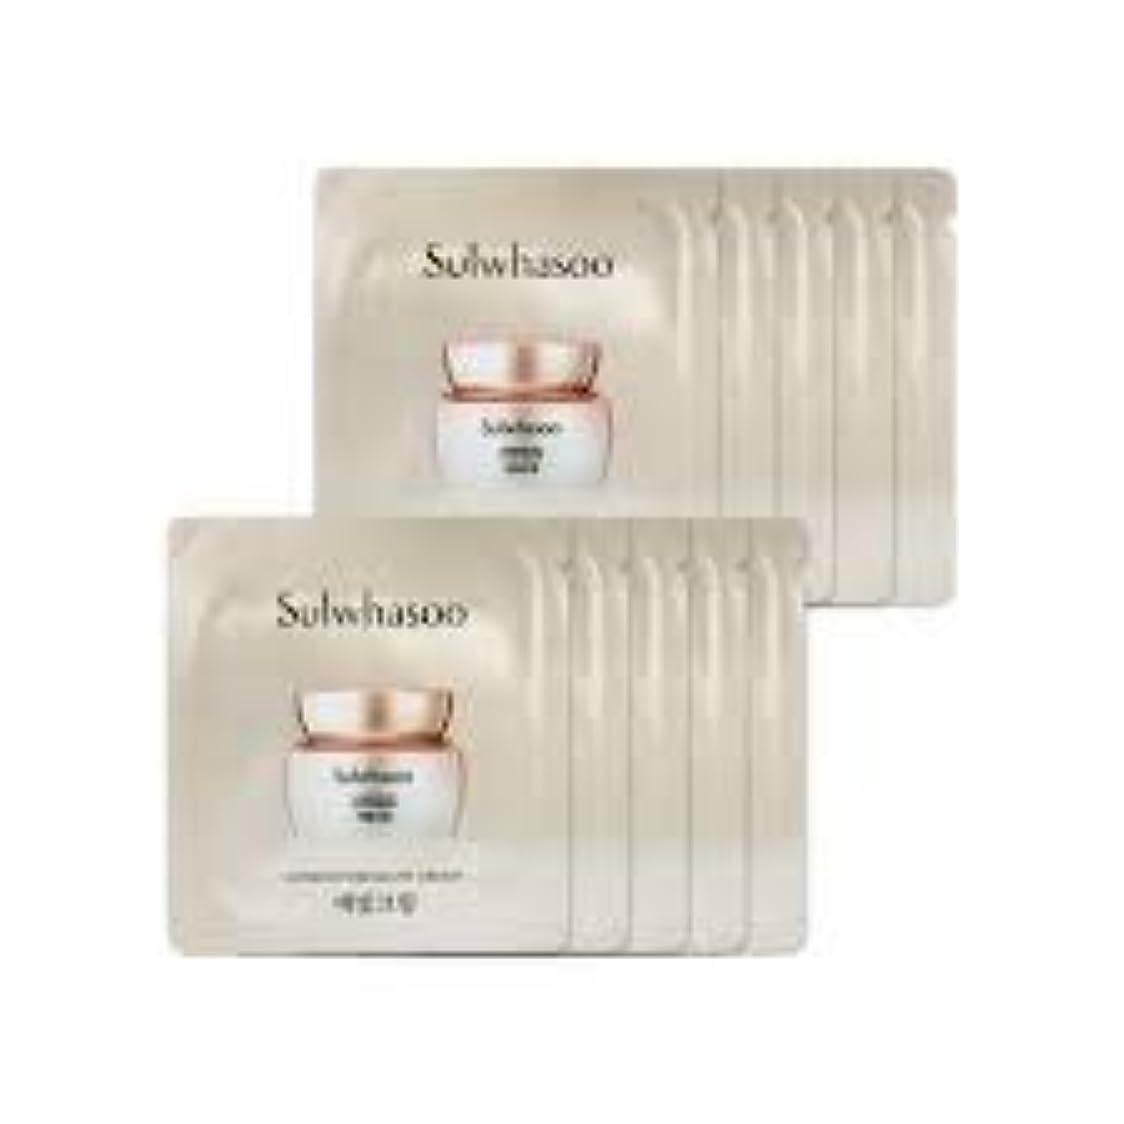 ゲートウェイ倒産メカニック[ソルファス ] Sulwhasoo (雪花秀) ルミナチュアグロー Luminature Glow Cream 1ml x 30 (イェビトクリーム) [ShopMaster1]